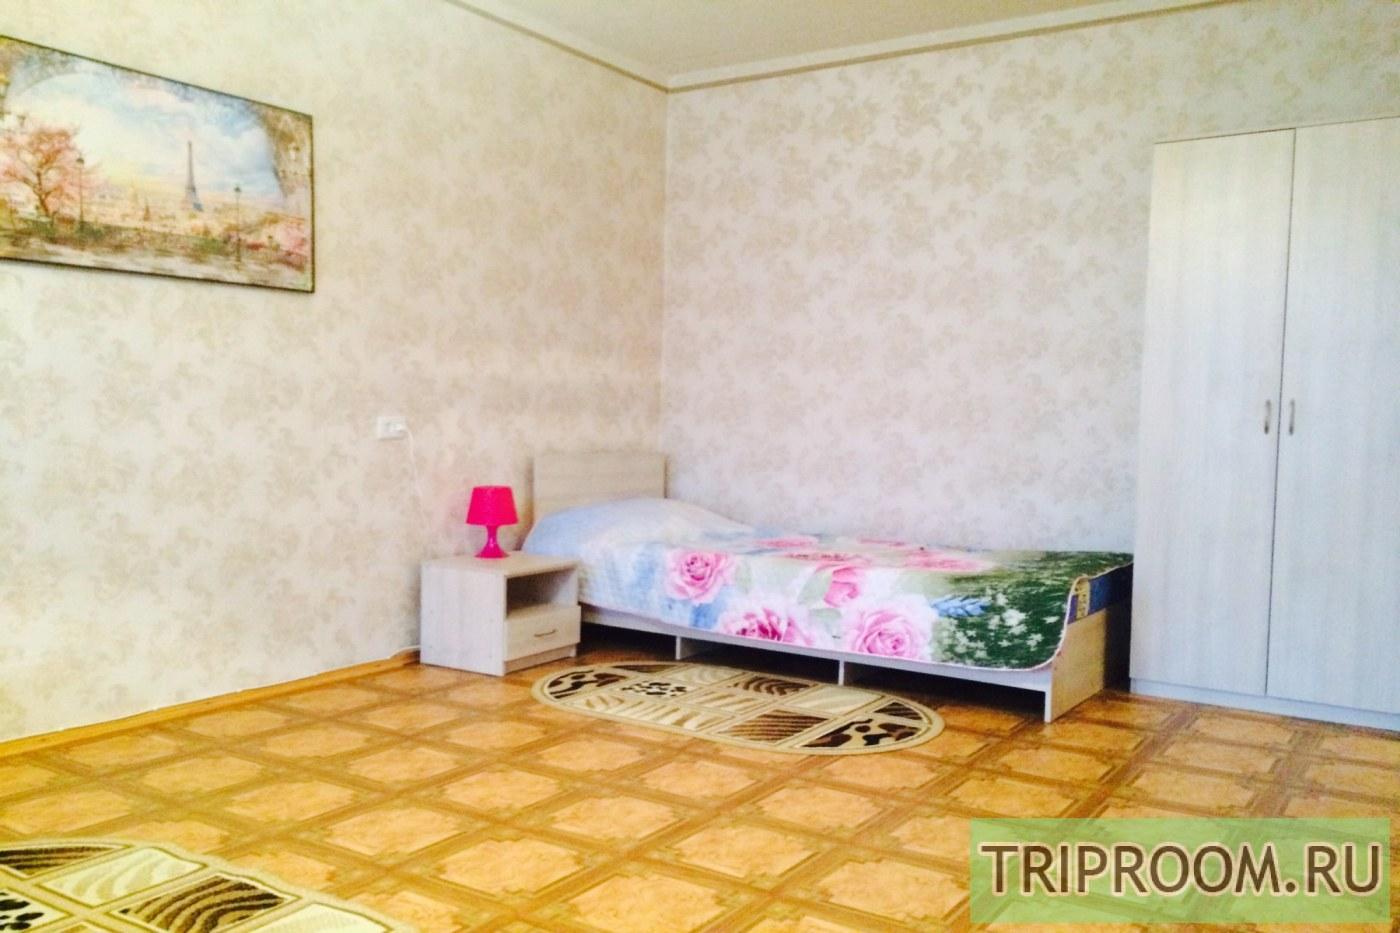 2-комнатная квартира посуточно (вариант № 39428), ул. Таганрогская, фото № 3